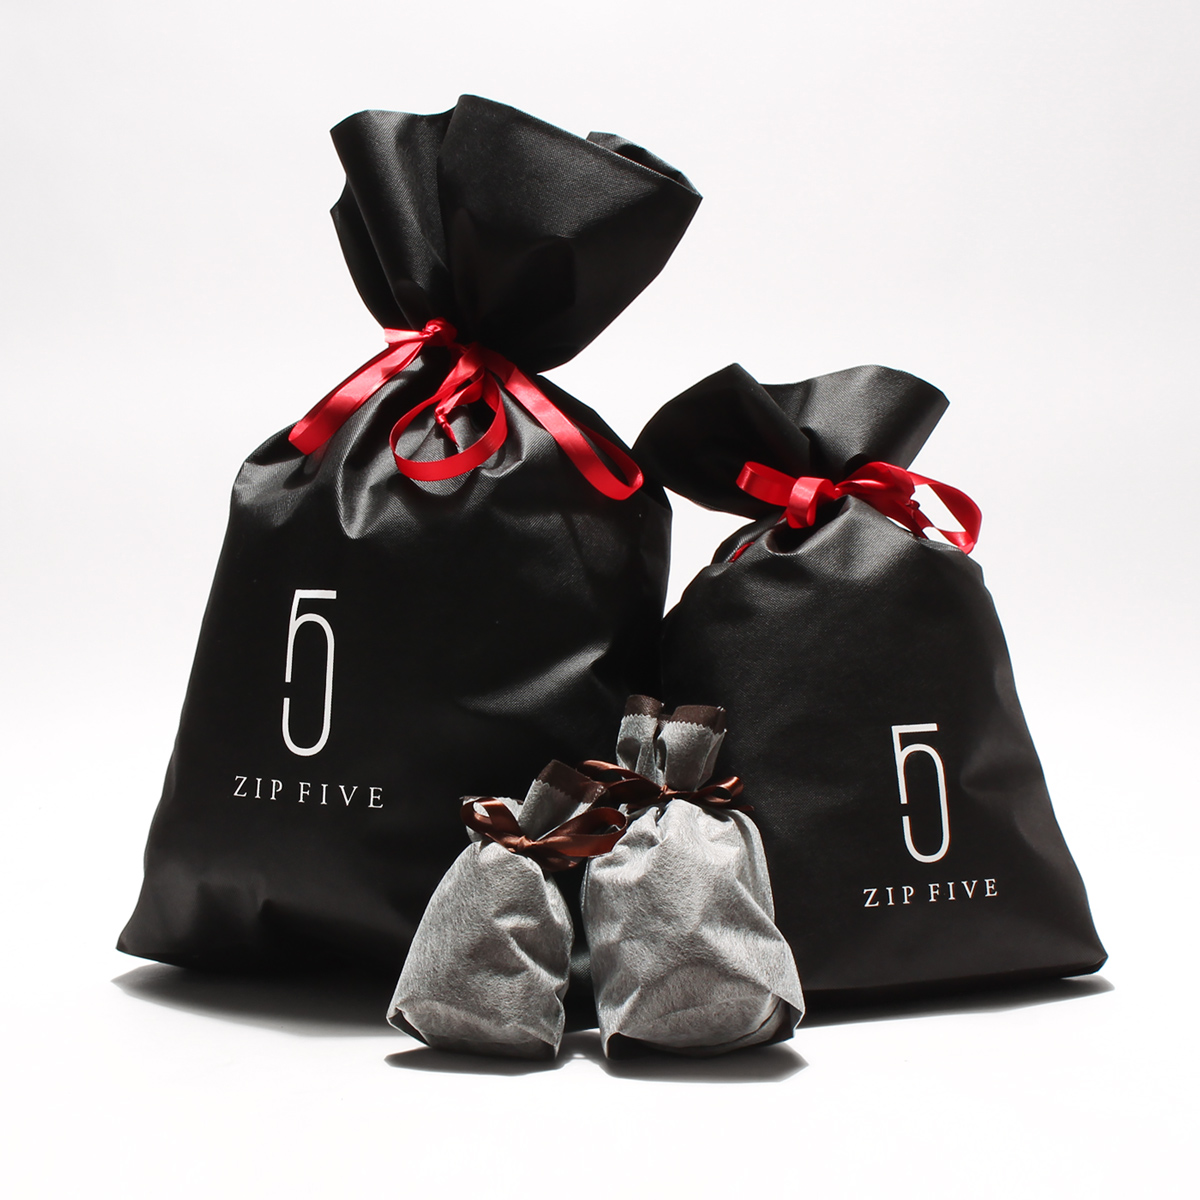 ZIP 数量限定アウトレット最安価格 Select オリジナル ギフトキット ラッピングサービスラッピング資材としての大量購入や資材単体でのご購入はお受けしかねます ラッピング 袋 セールSALE%OFF 巾着 メンズ 誕生日 rap002 クリスマスプレゼント プレゼント用